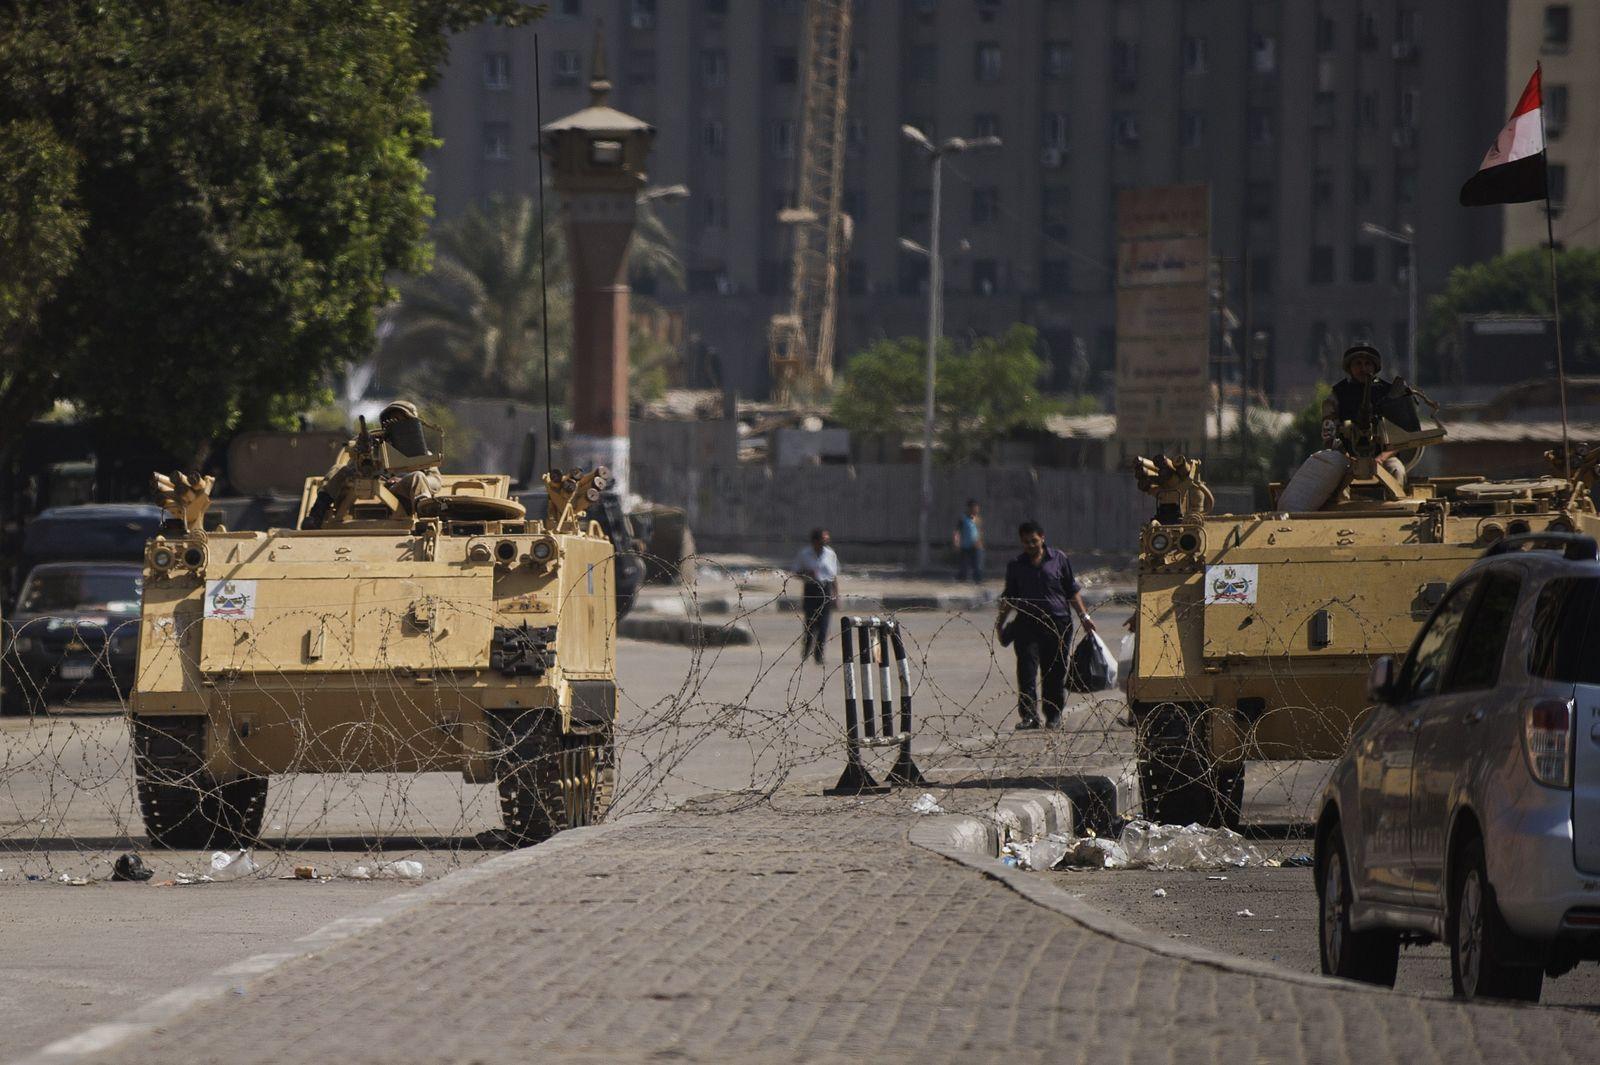 Ägypten/Kairo